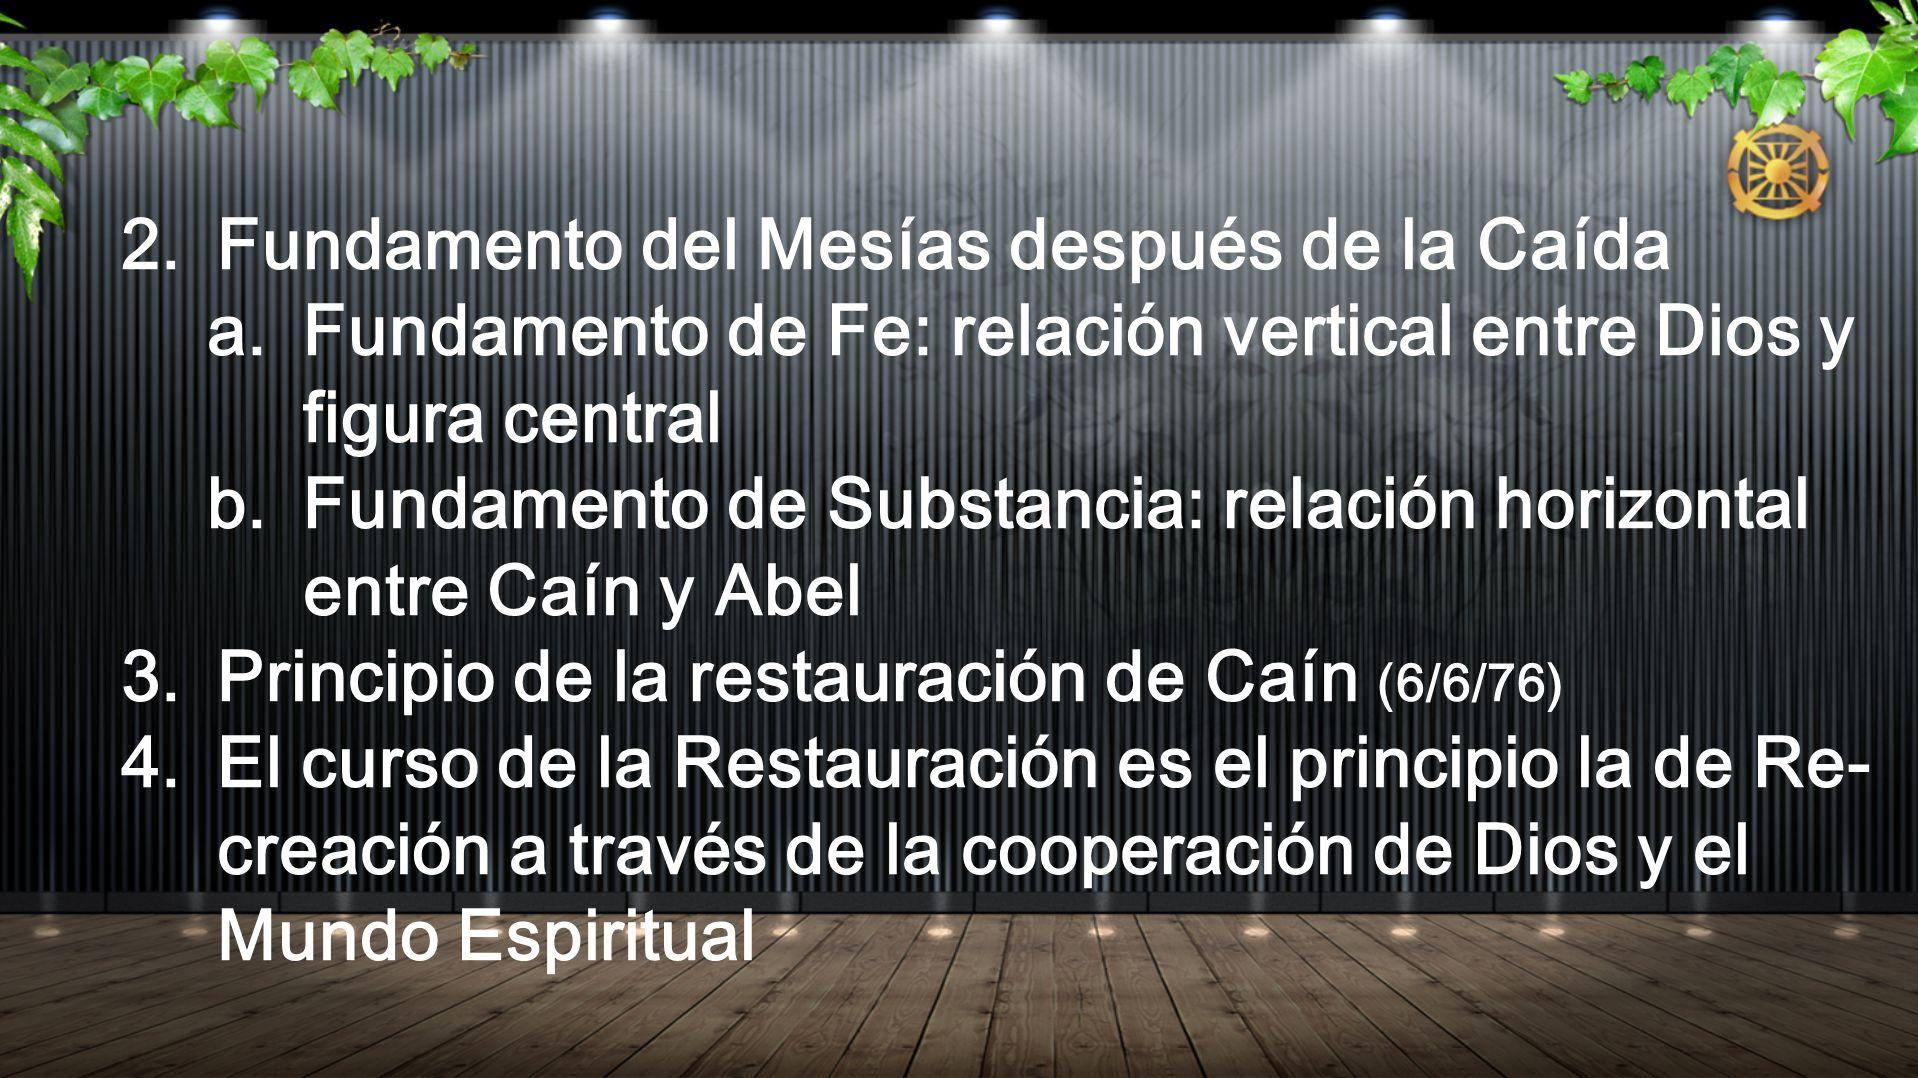 Fundamento del Mesías después de la Caída